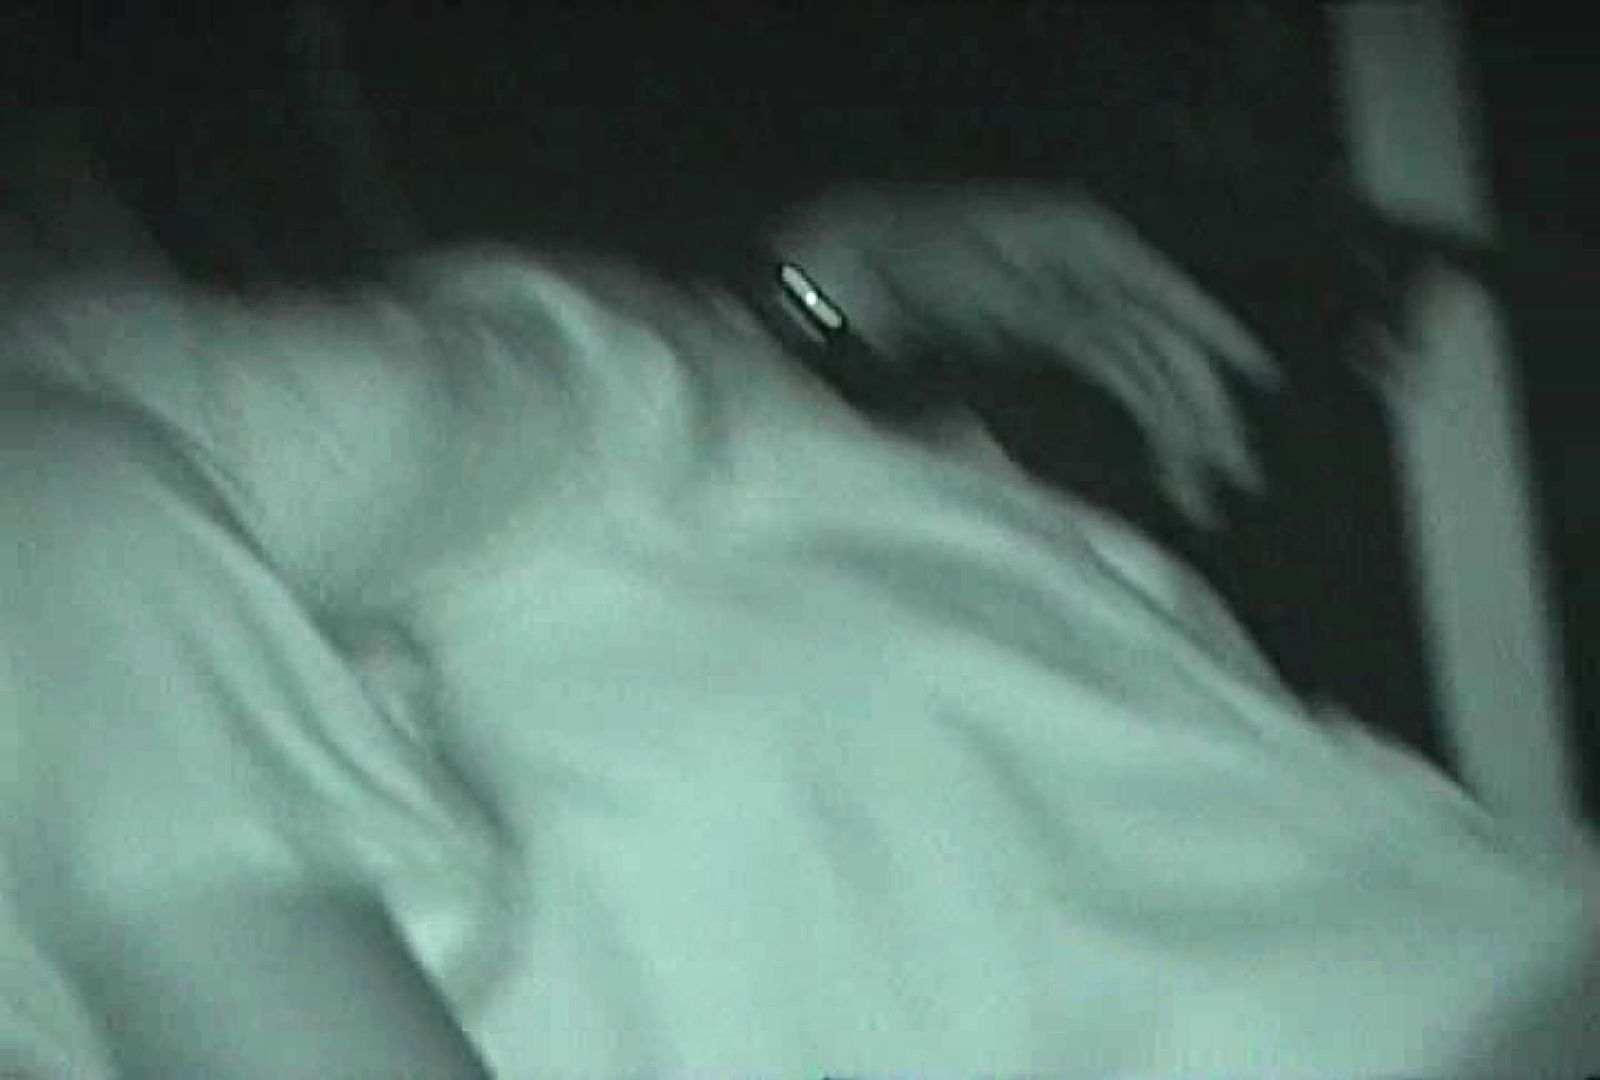 充血監督の深夜の運動会Vol.100 カップル盗撮  107画像 52